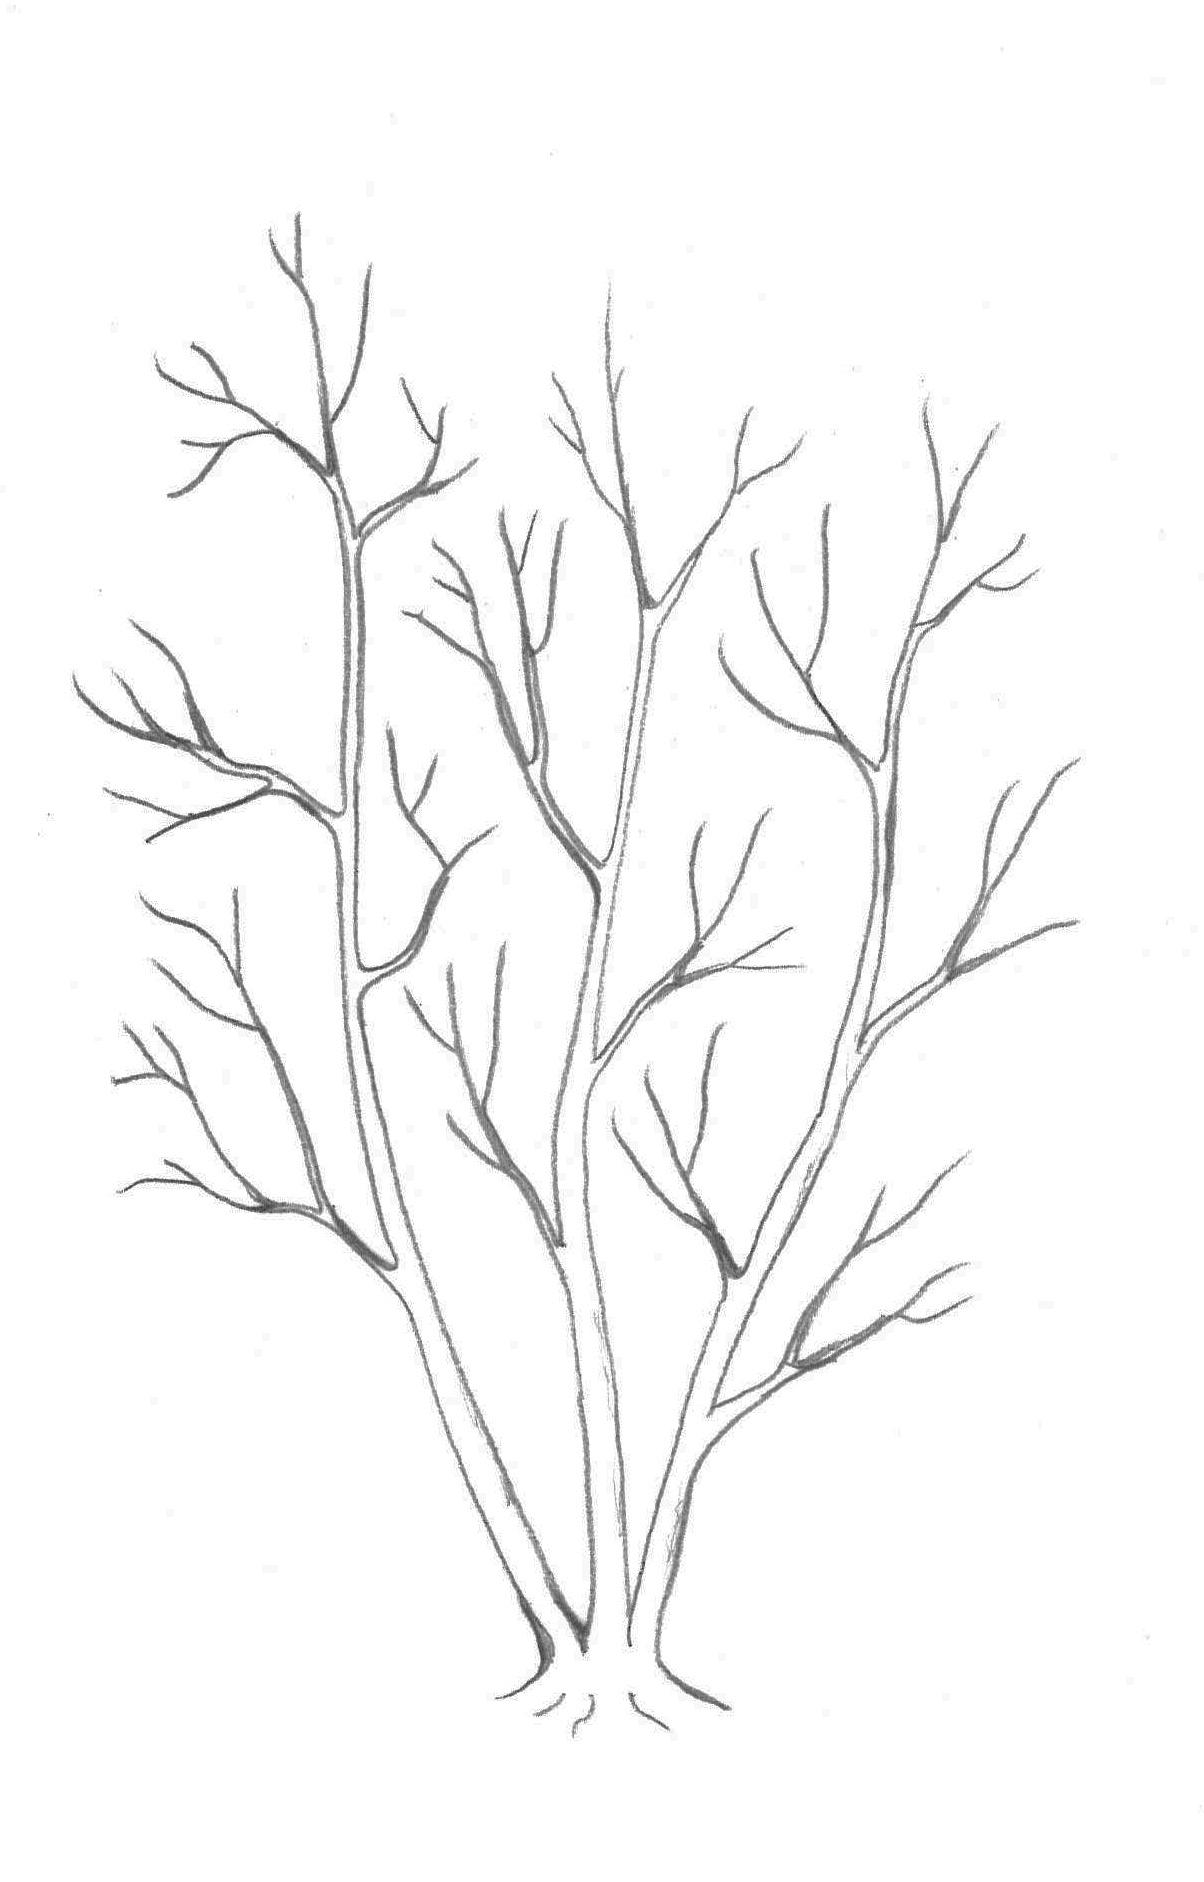 Le recépage peut être réalisé sur une tige saine pour former une cépée, c'est-à-dire plusieurs troncs se développant sur une même souche.